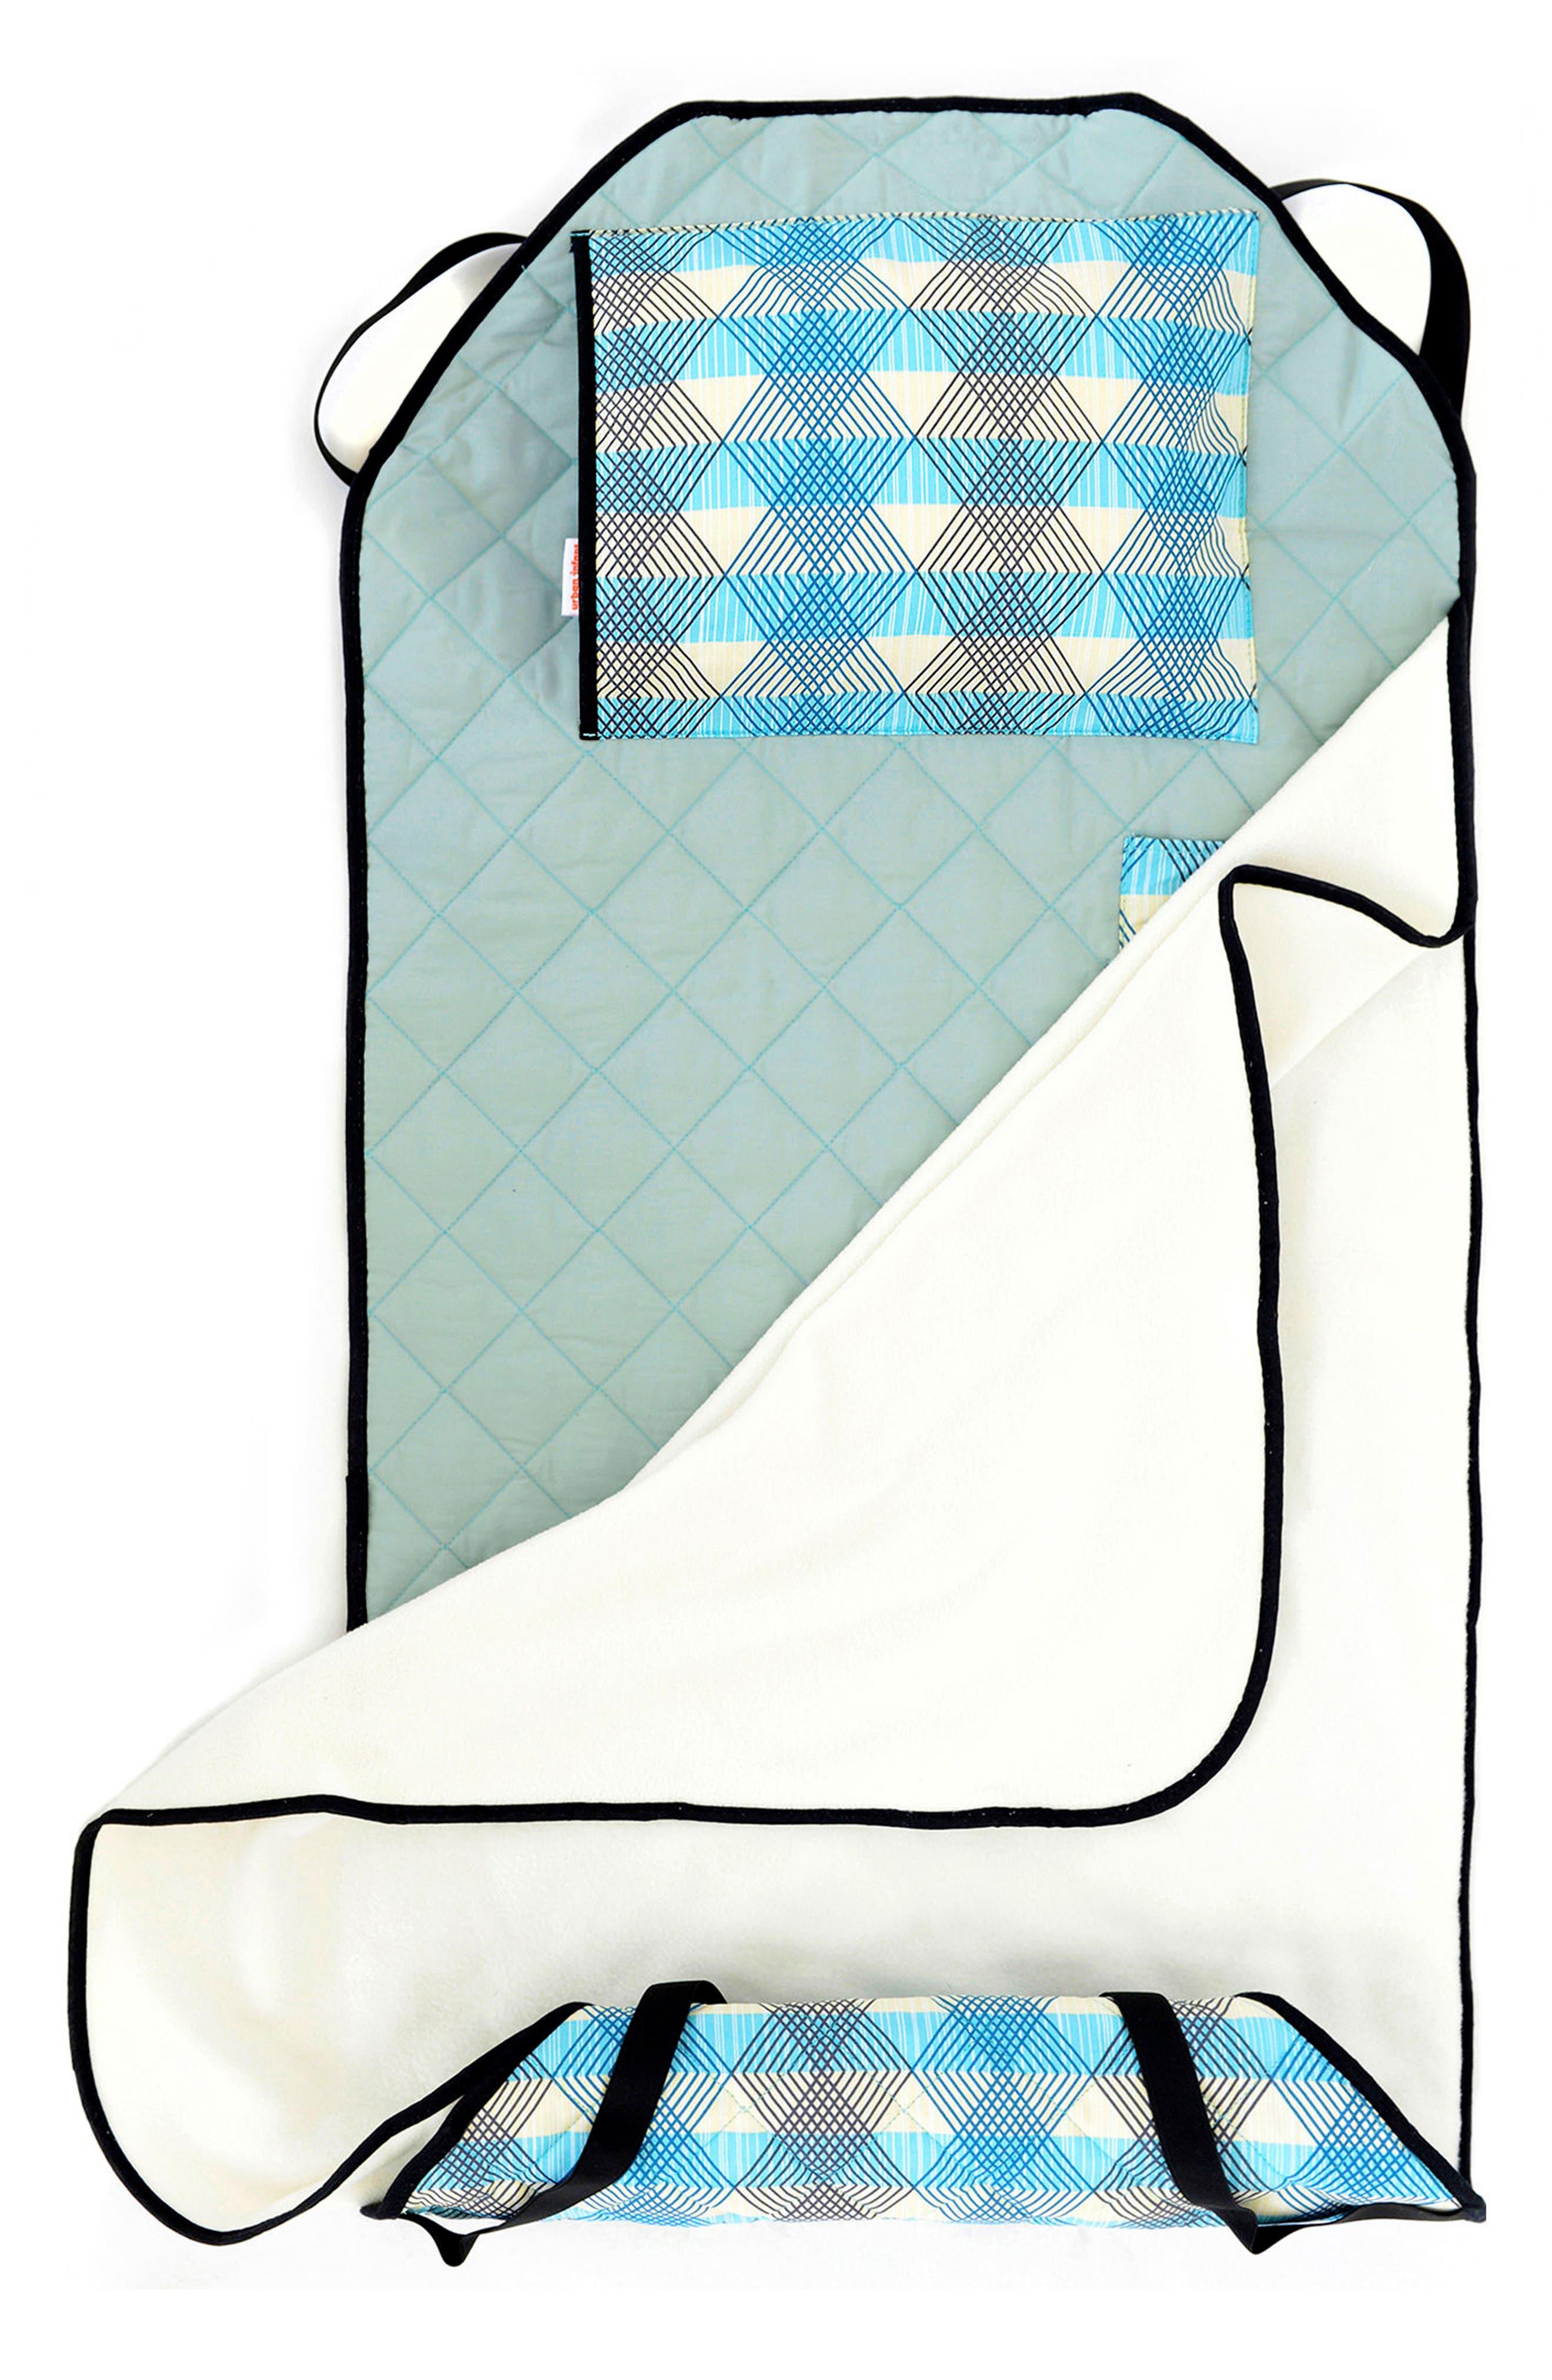 Urban Infant Tot Cot® Portable Nap Cot Bedding